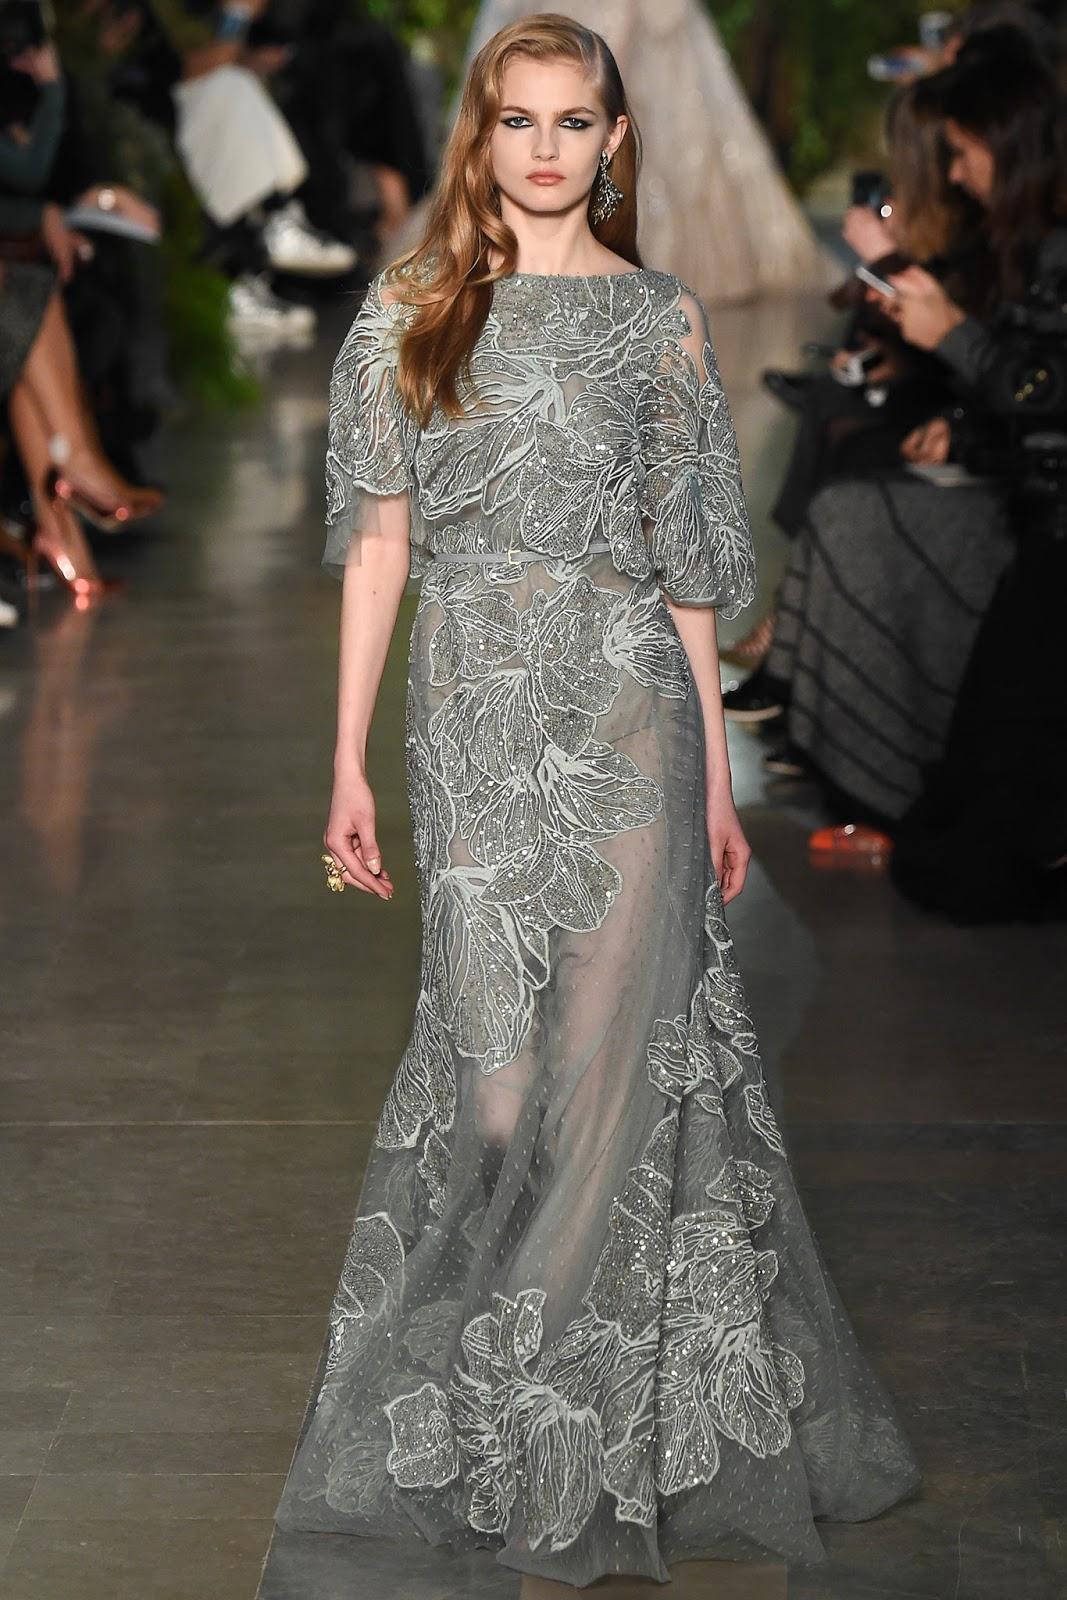 elie saab haute couture s/s 15 paris   visual optimism ...